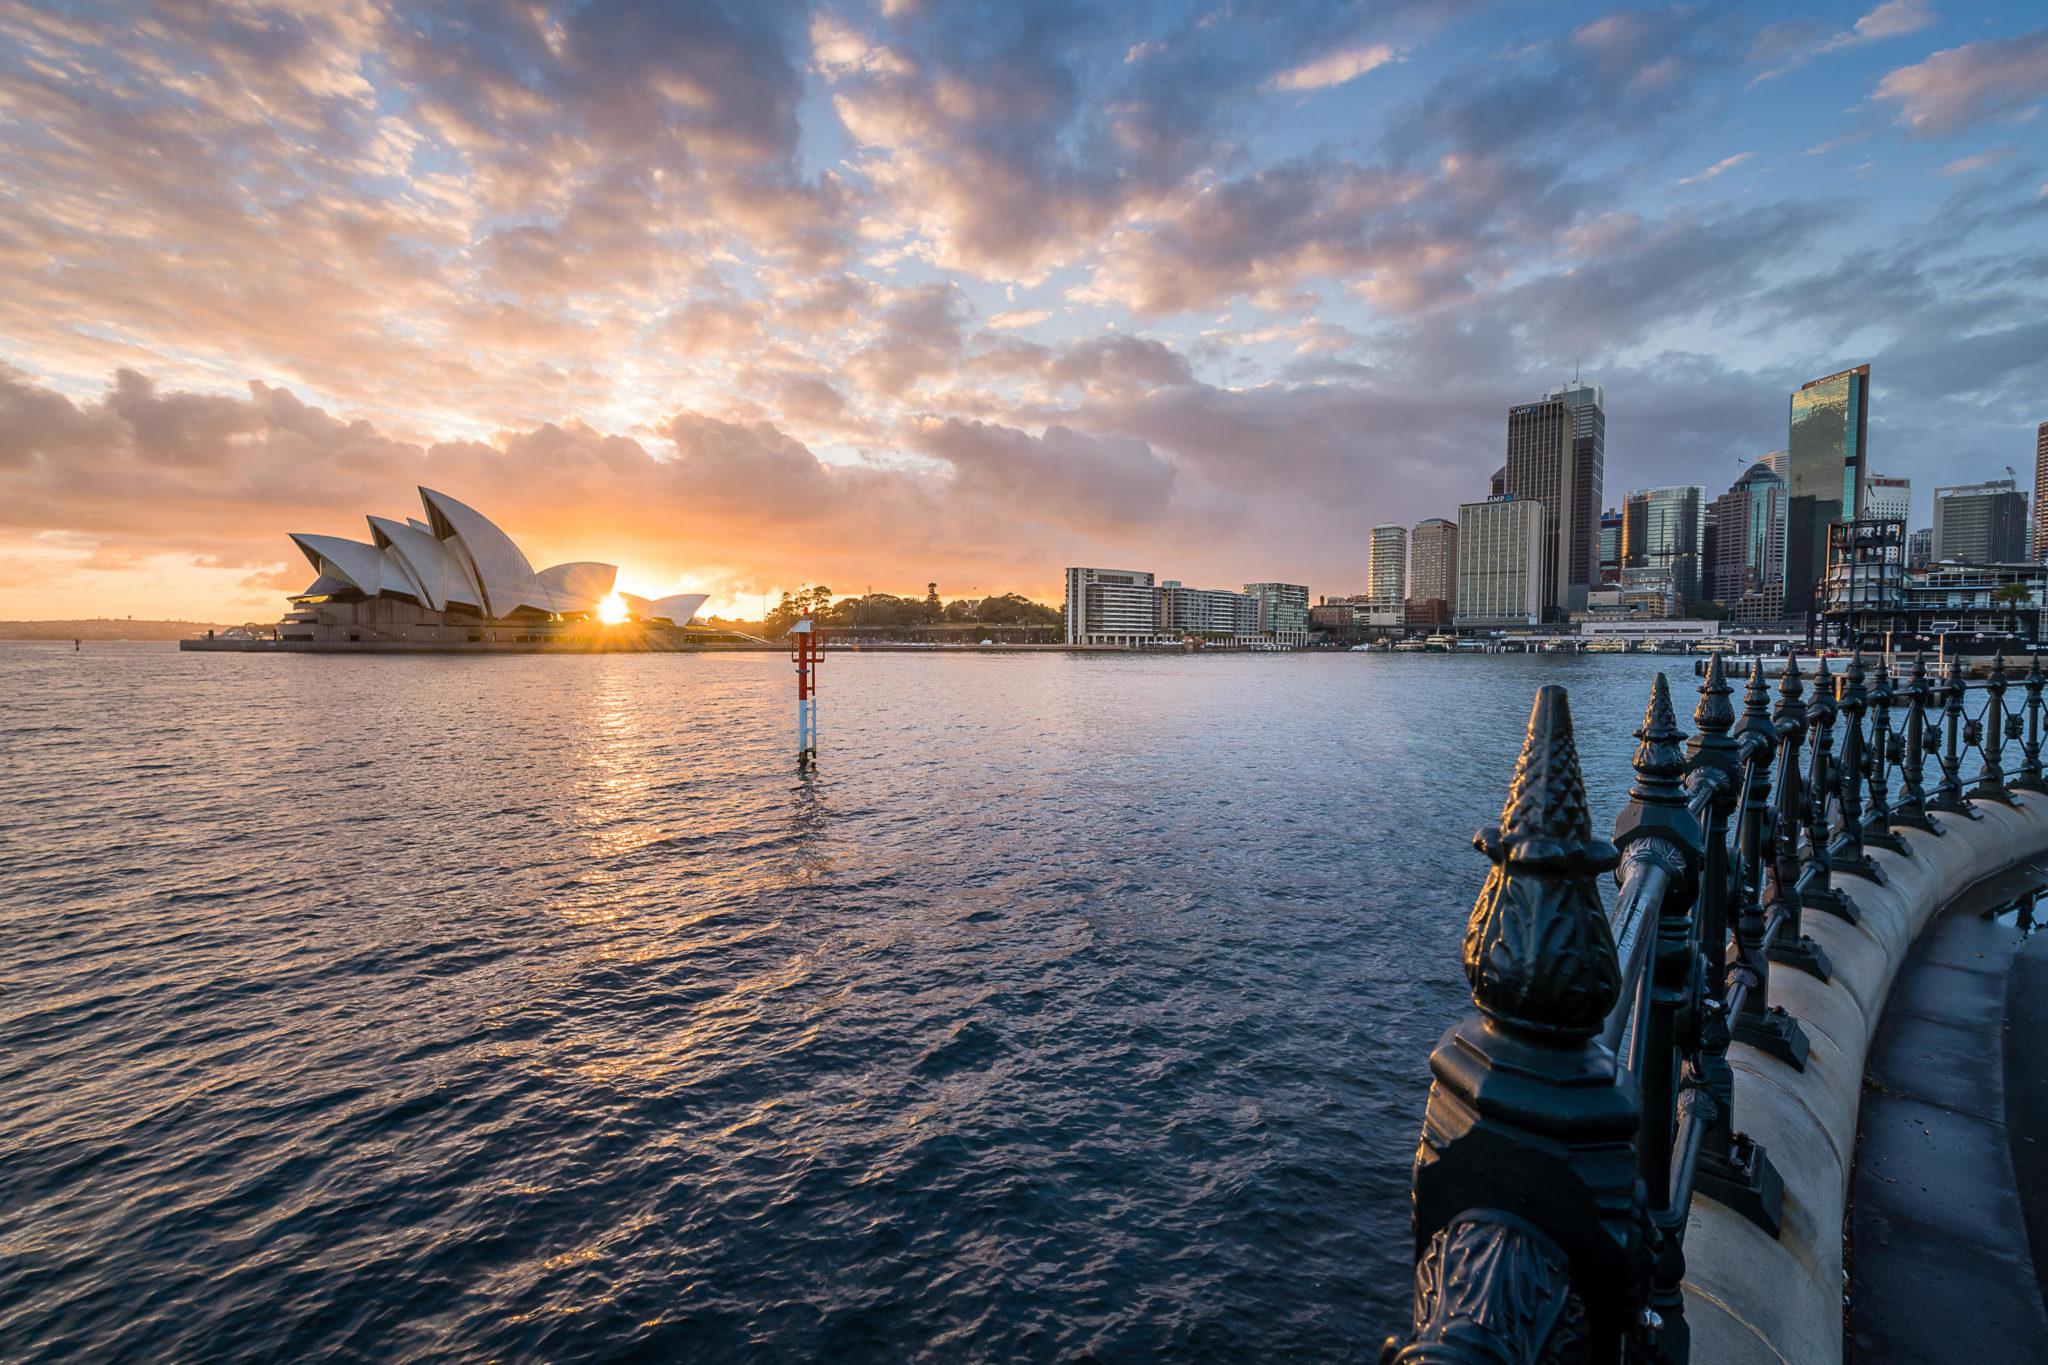 Dawn from Dawes Point in Sydney, Australia in July 2018